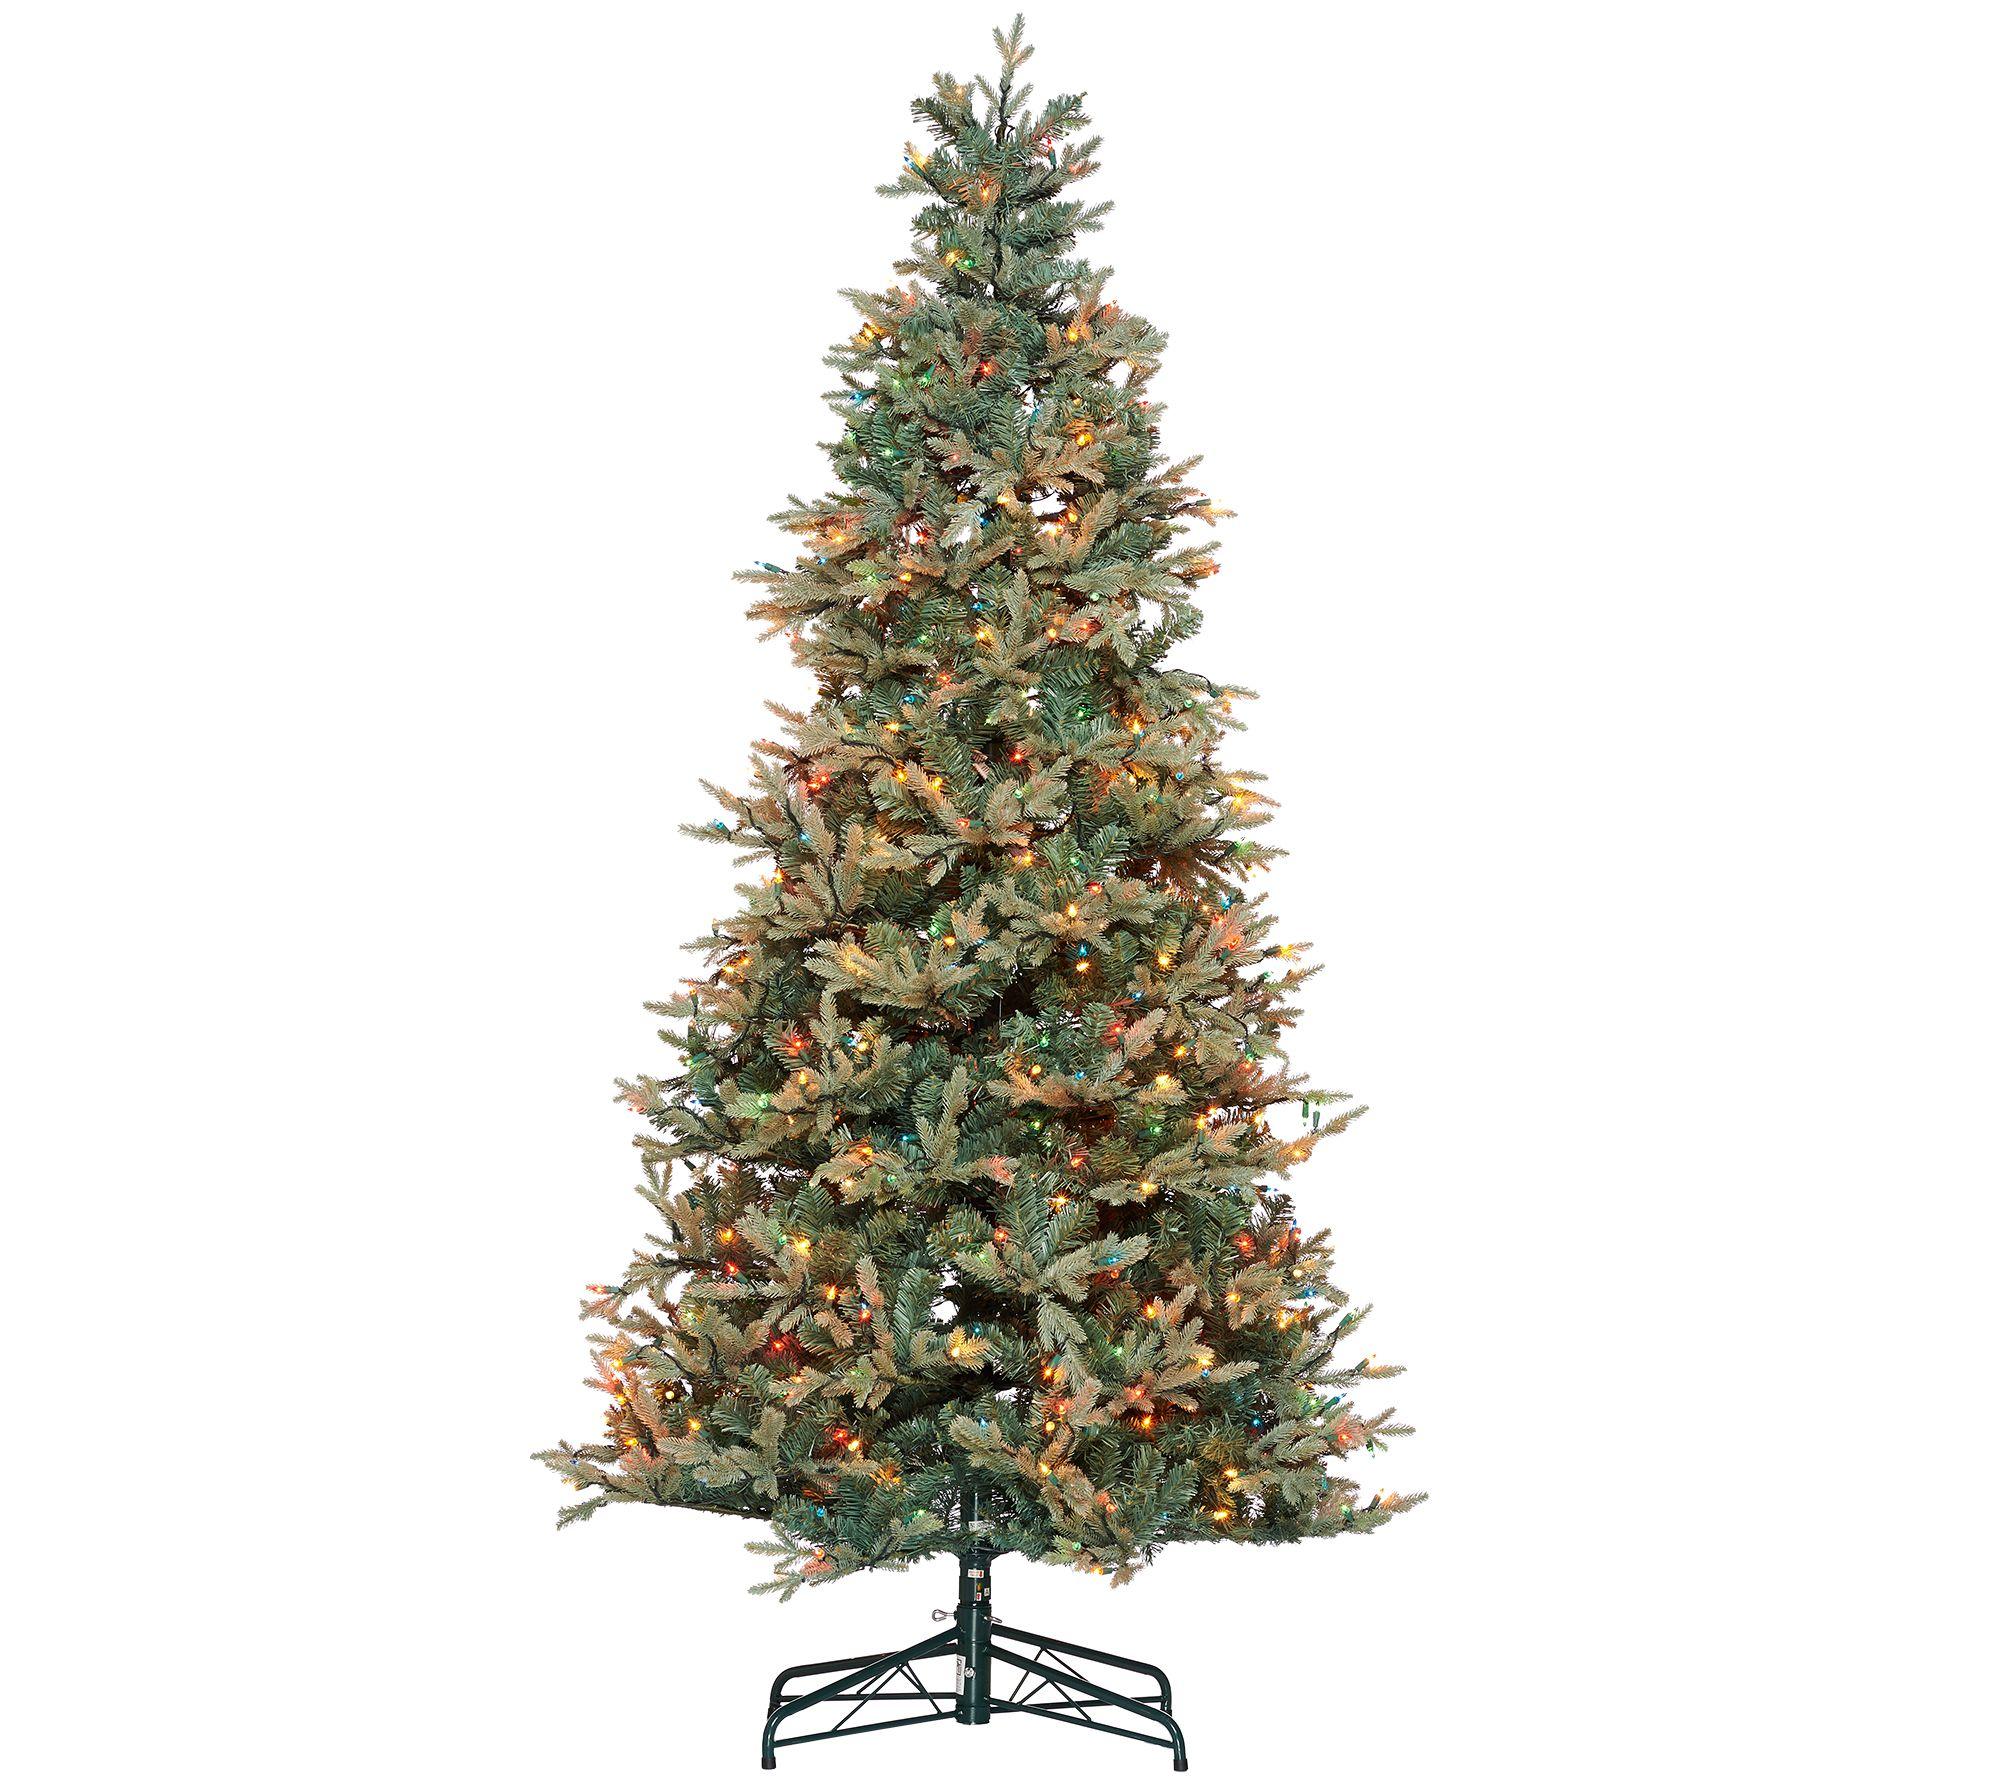 Bethlehem Lights 7.5' Blue Spruce Christmas Tree - Page 1 ...